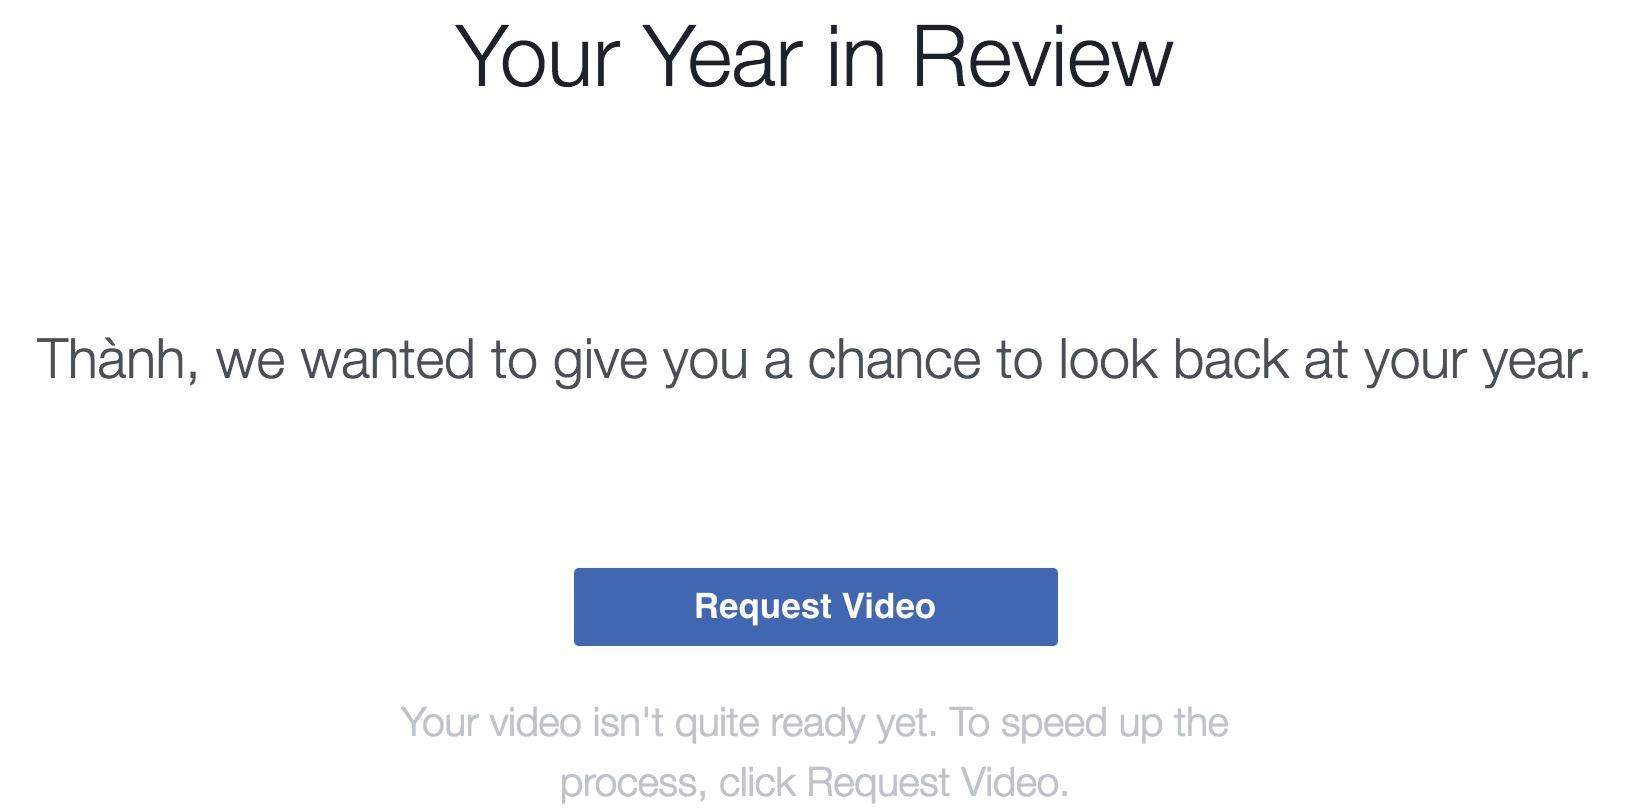 Hướng dẫn tạo video Year In Review 2016 trên Facebook